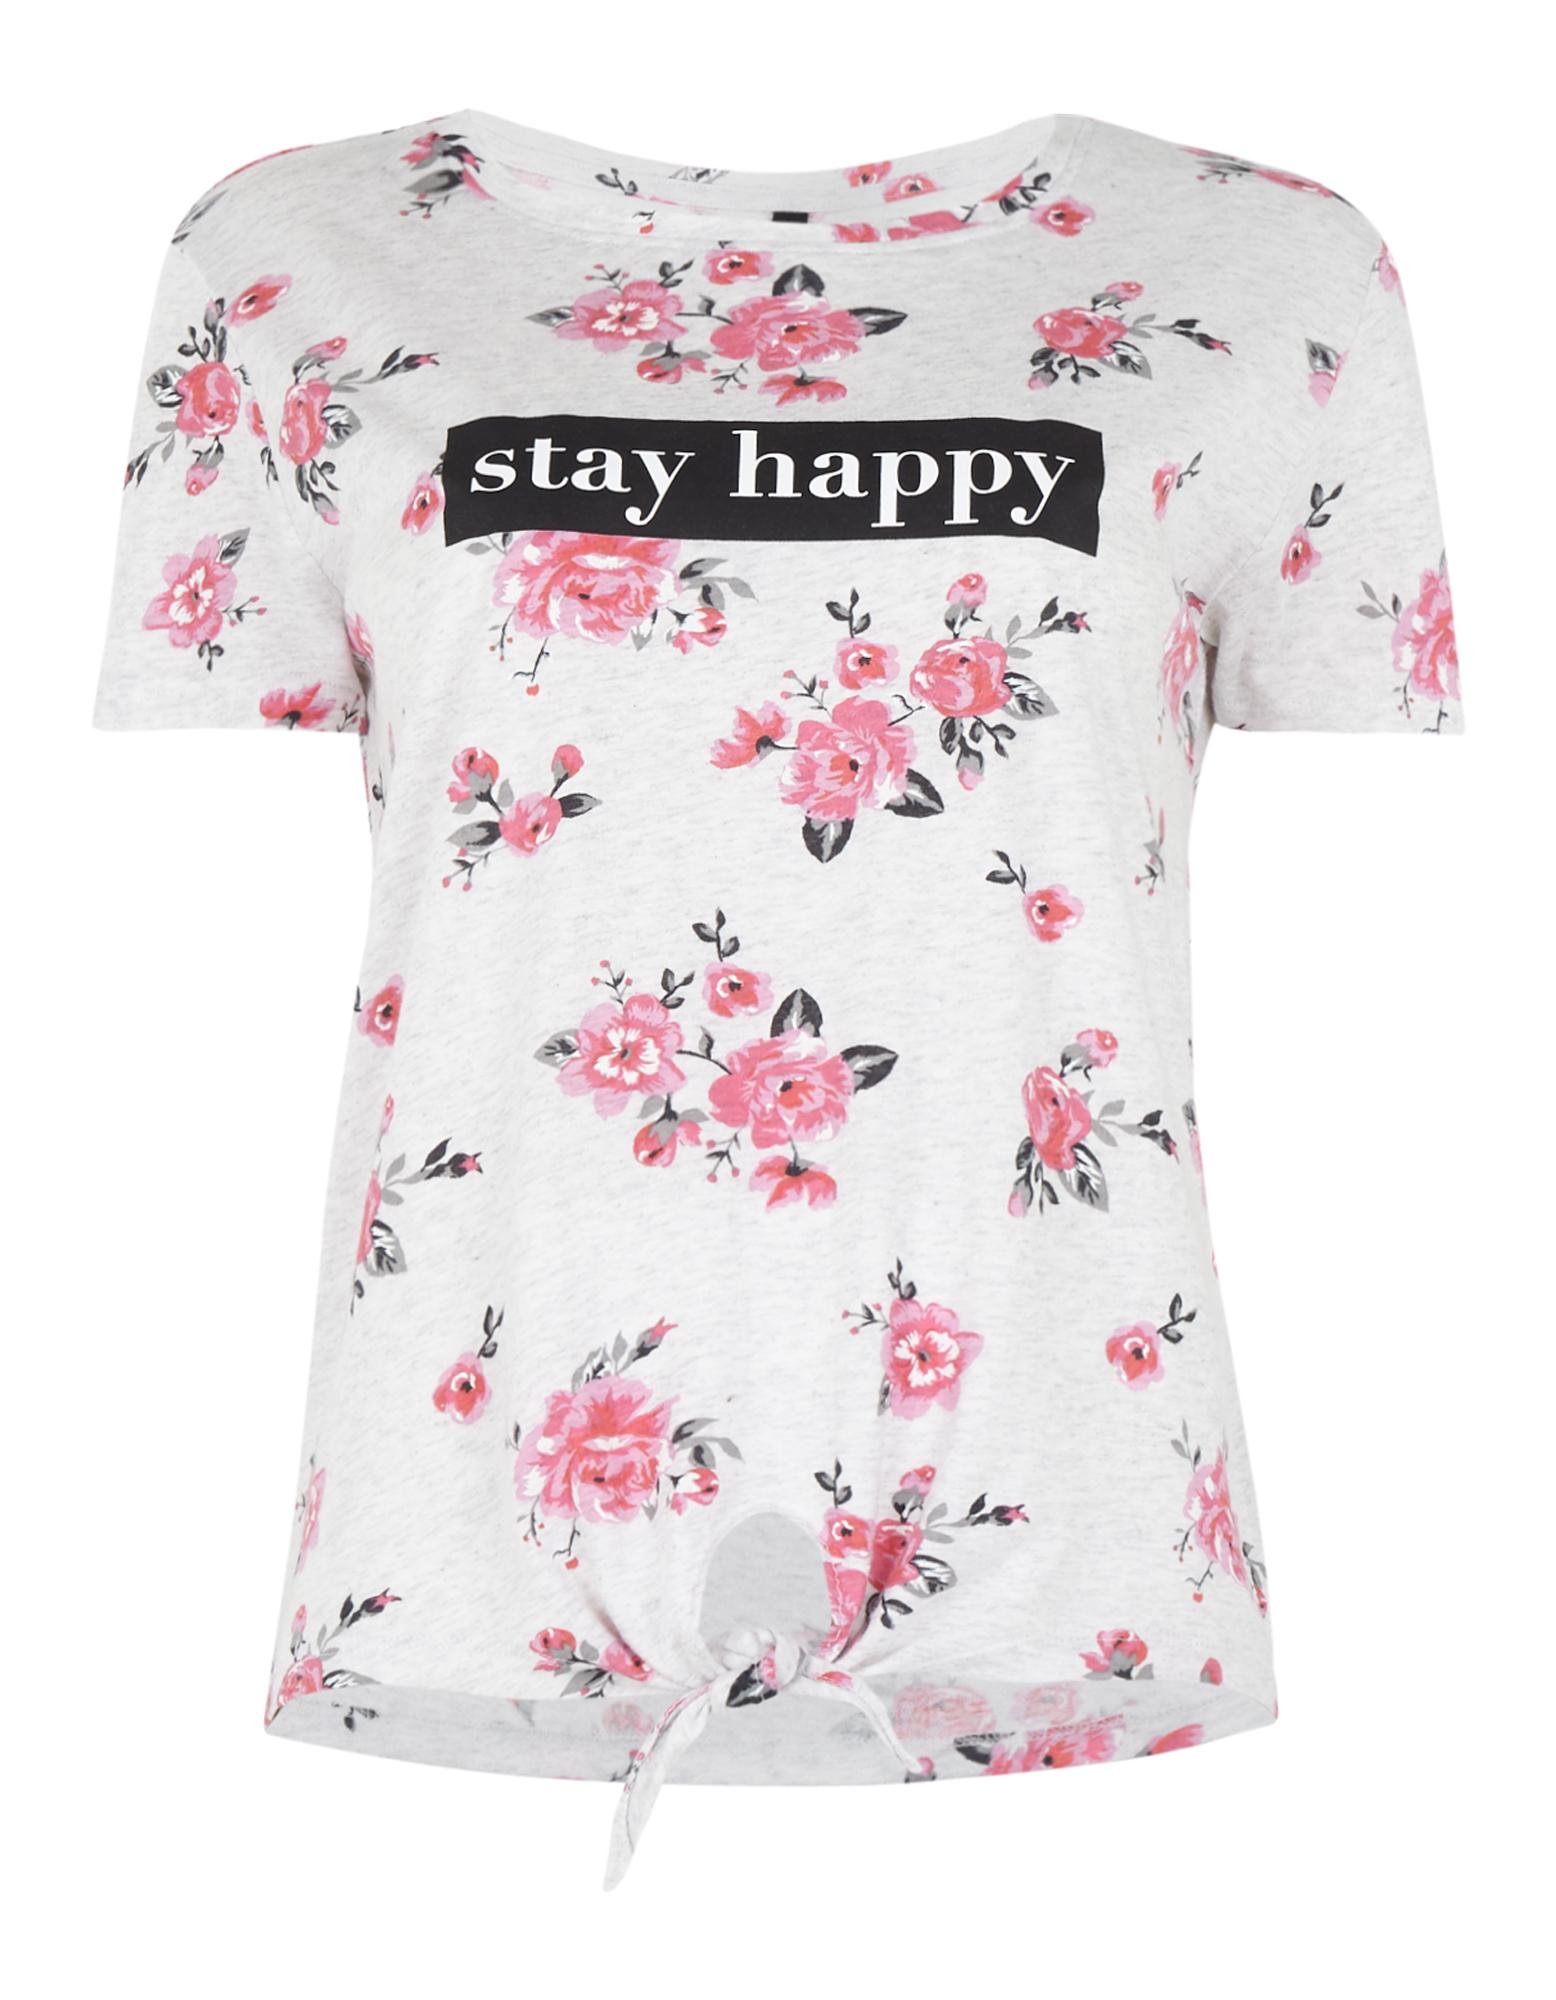 67ab5d6d7d7c9d Damen T-Shirt mit floralem Muster - Takko Fashion